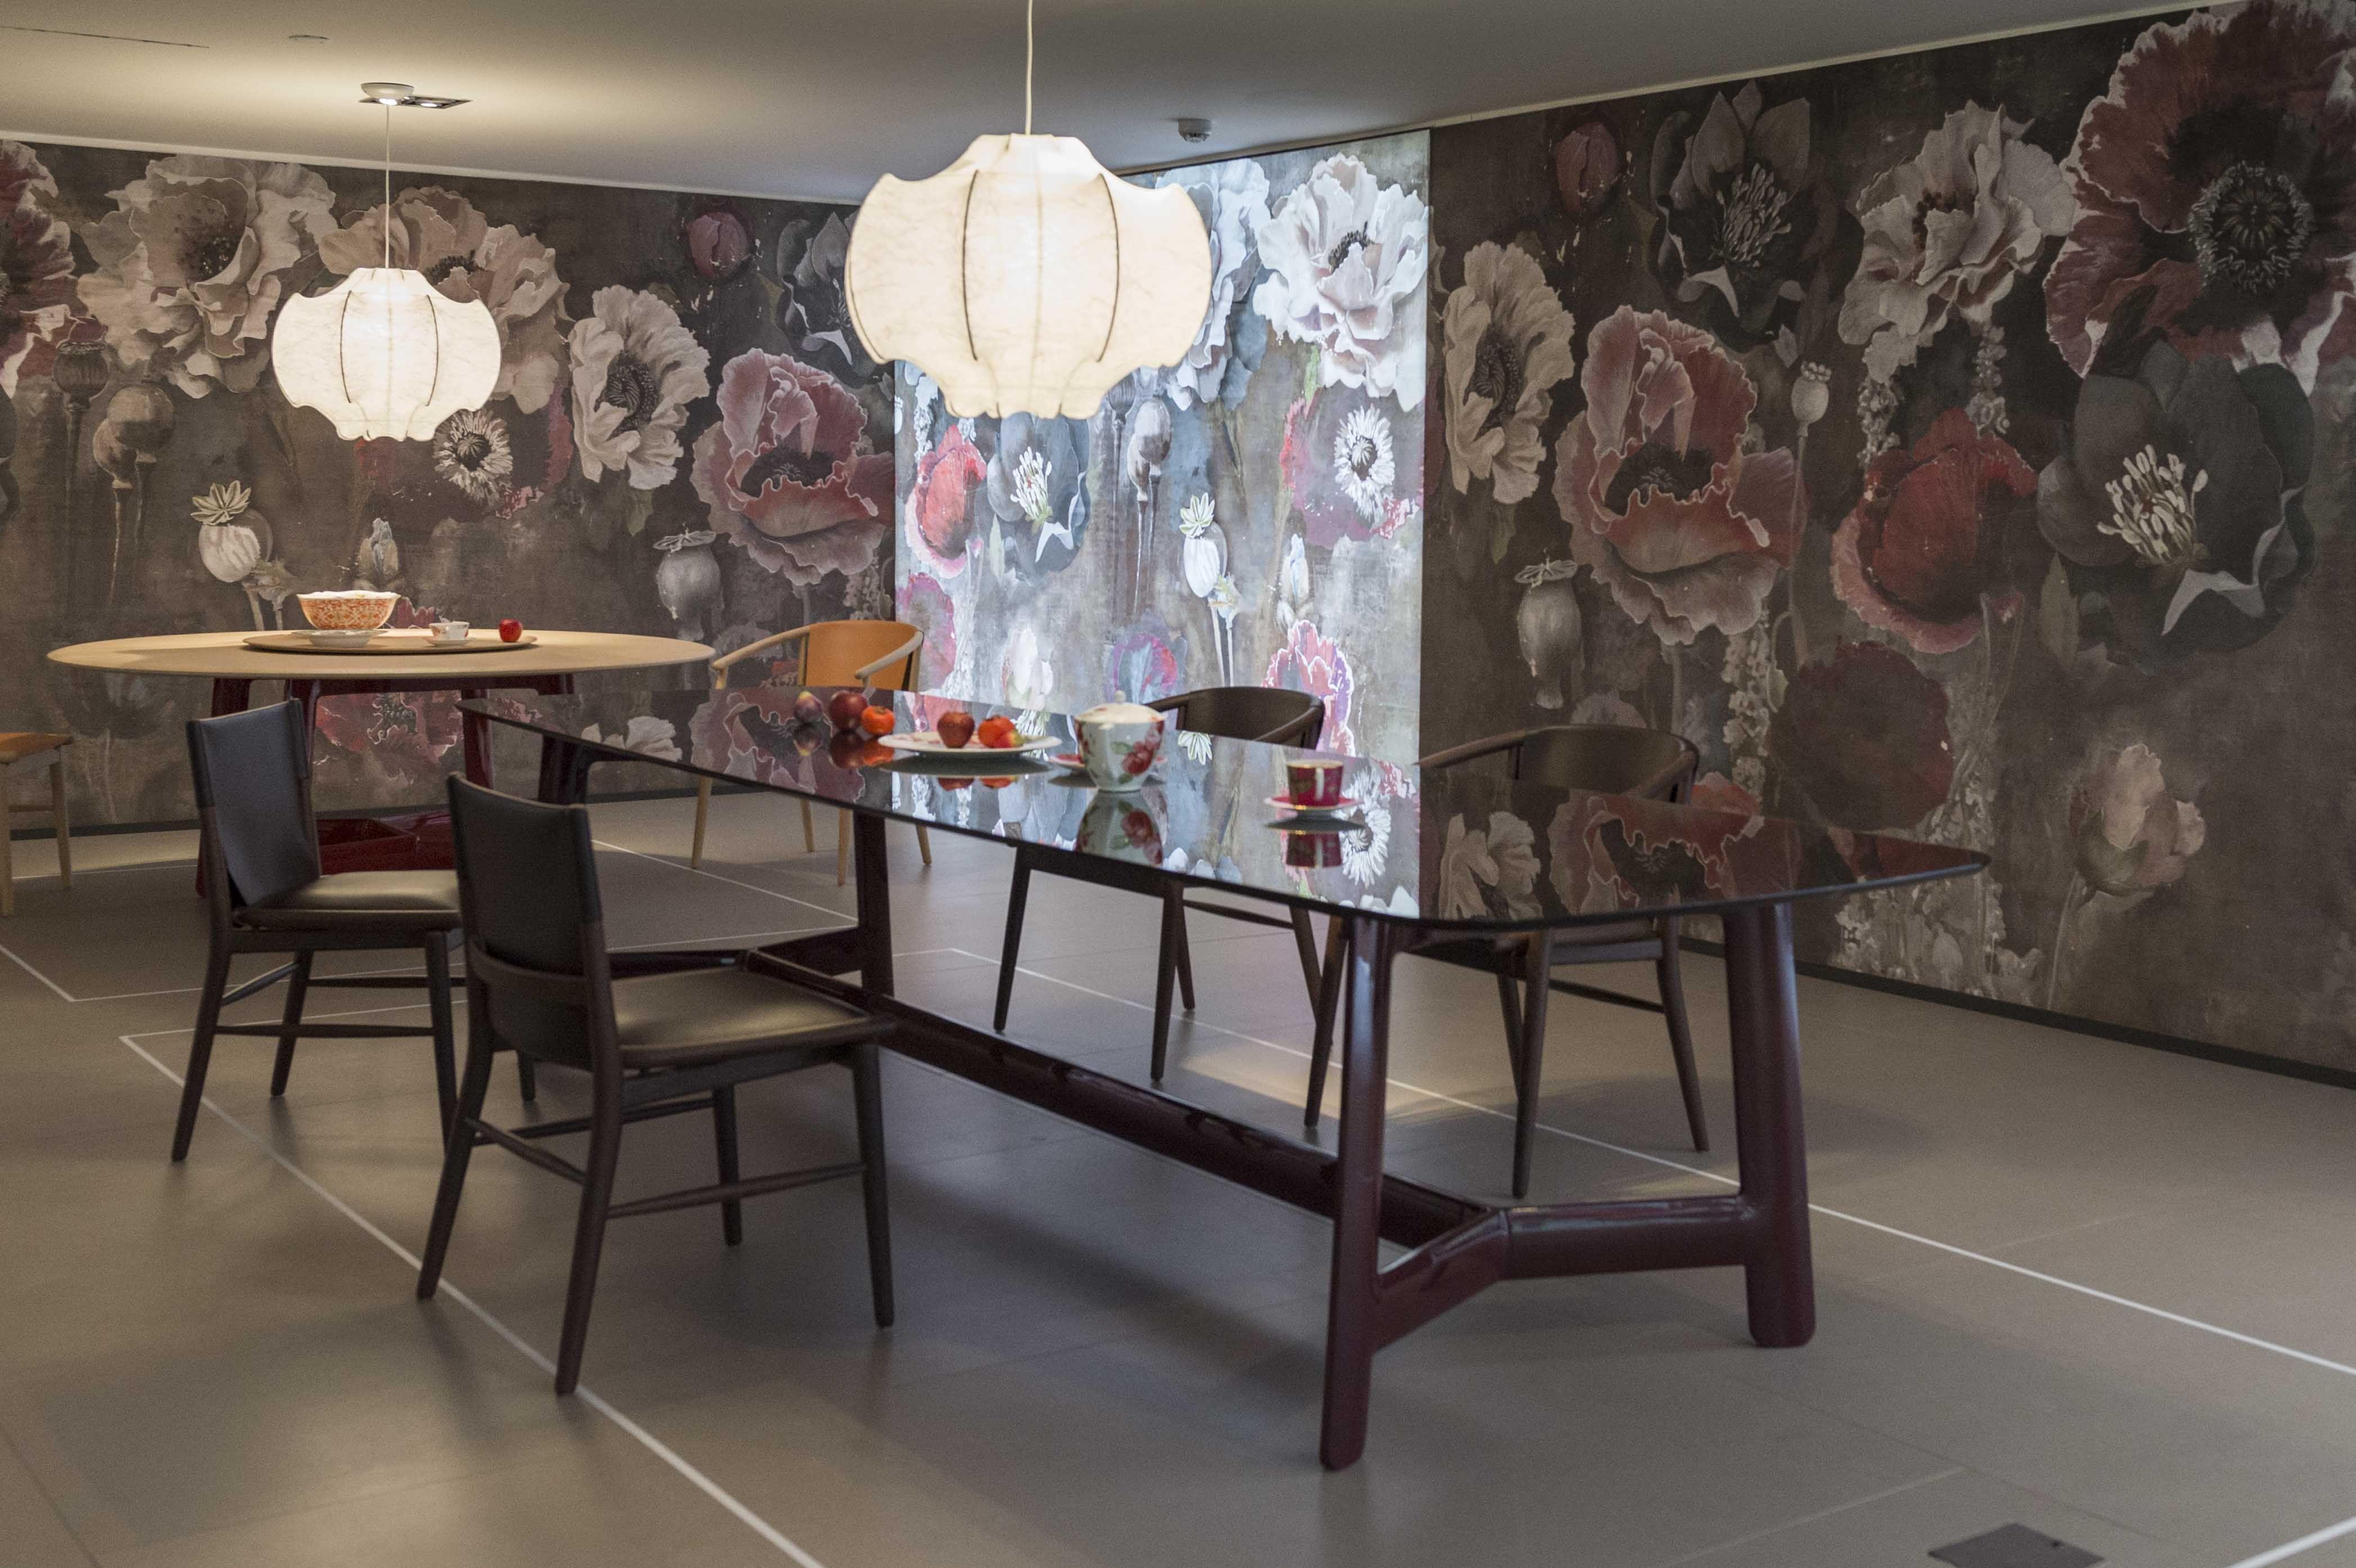 pingl par virginie cou sur walls parement mural d coration murale et papier peint. Black Bedroom Furniture Sets. Home Design Ideas